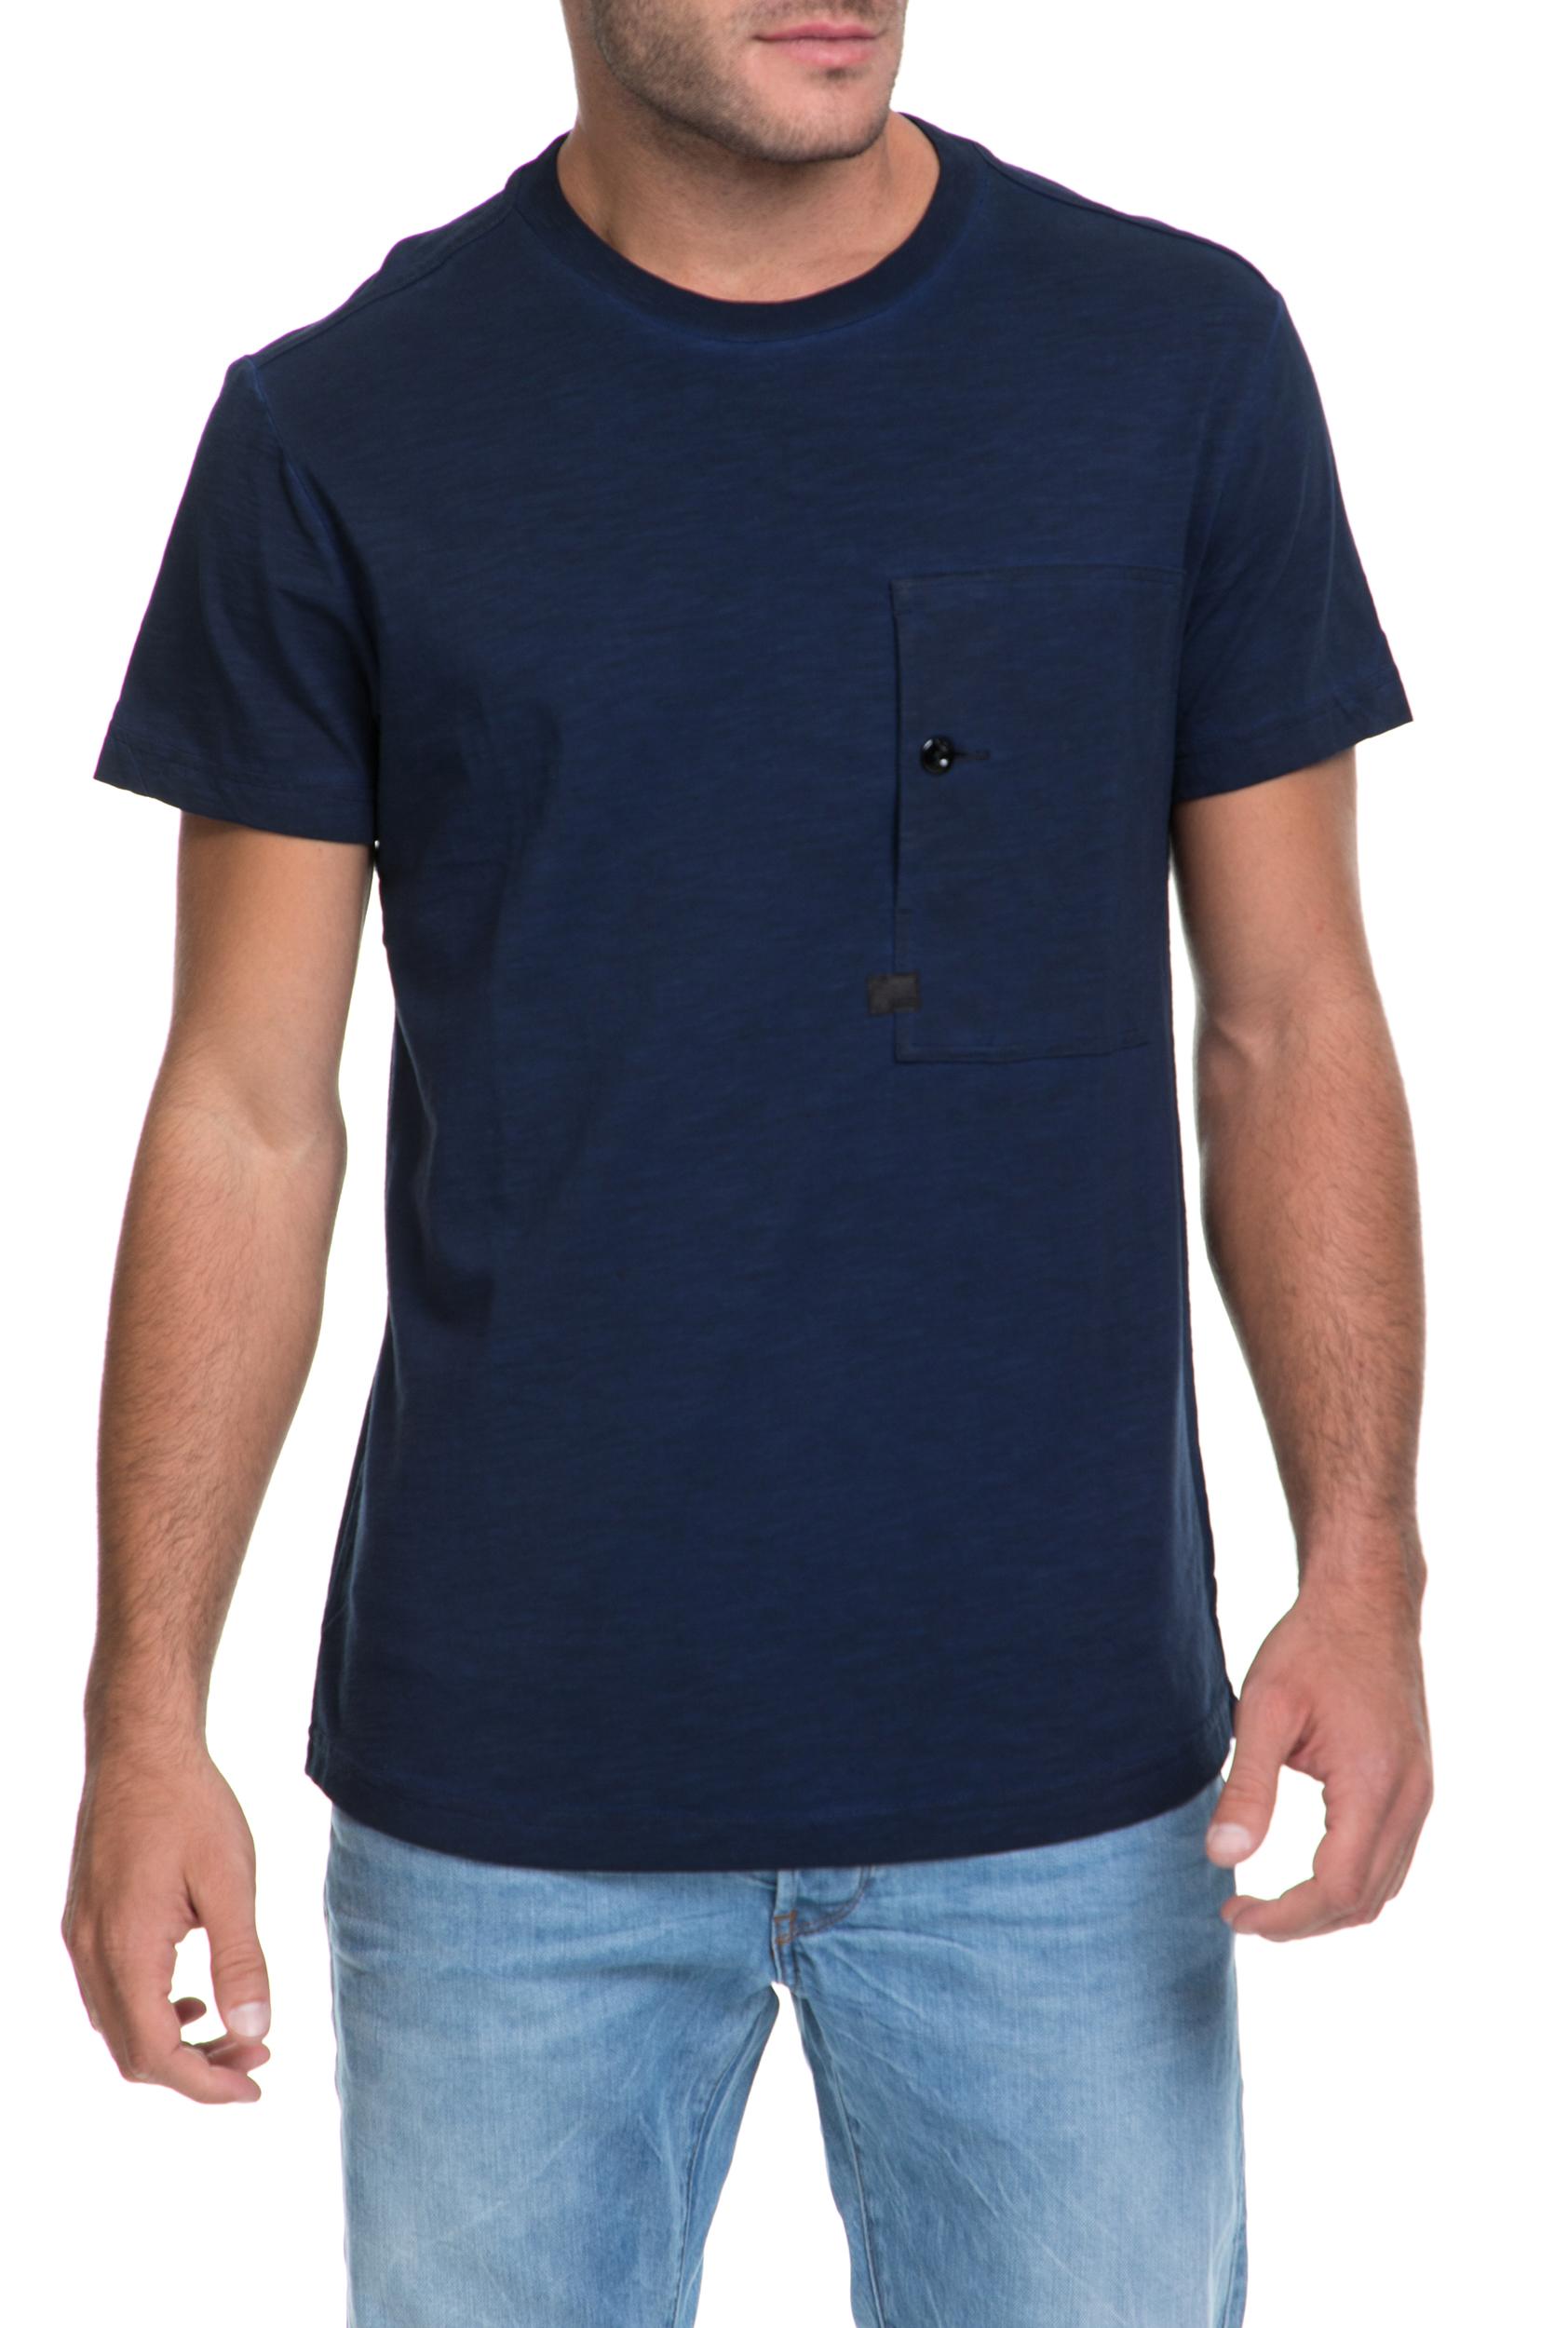 G-STAR RAW - Αντρική μπλούζα Stalt relaxed G-STAR RAW μπλε ανδρικά ρούχα μπλούζες κοντομάνικες